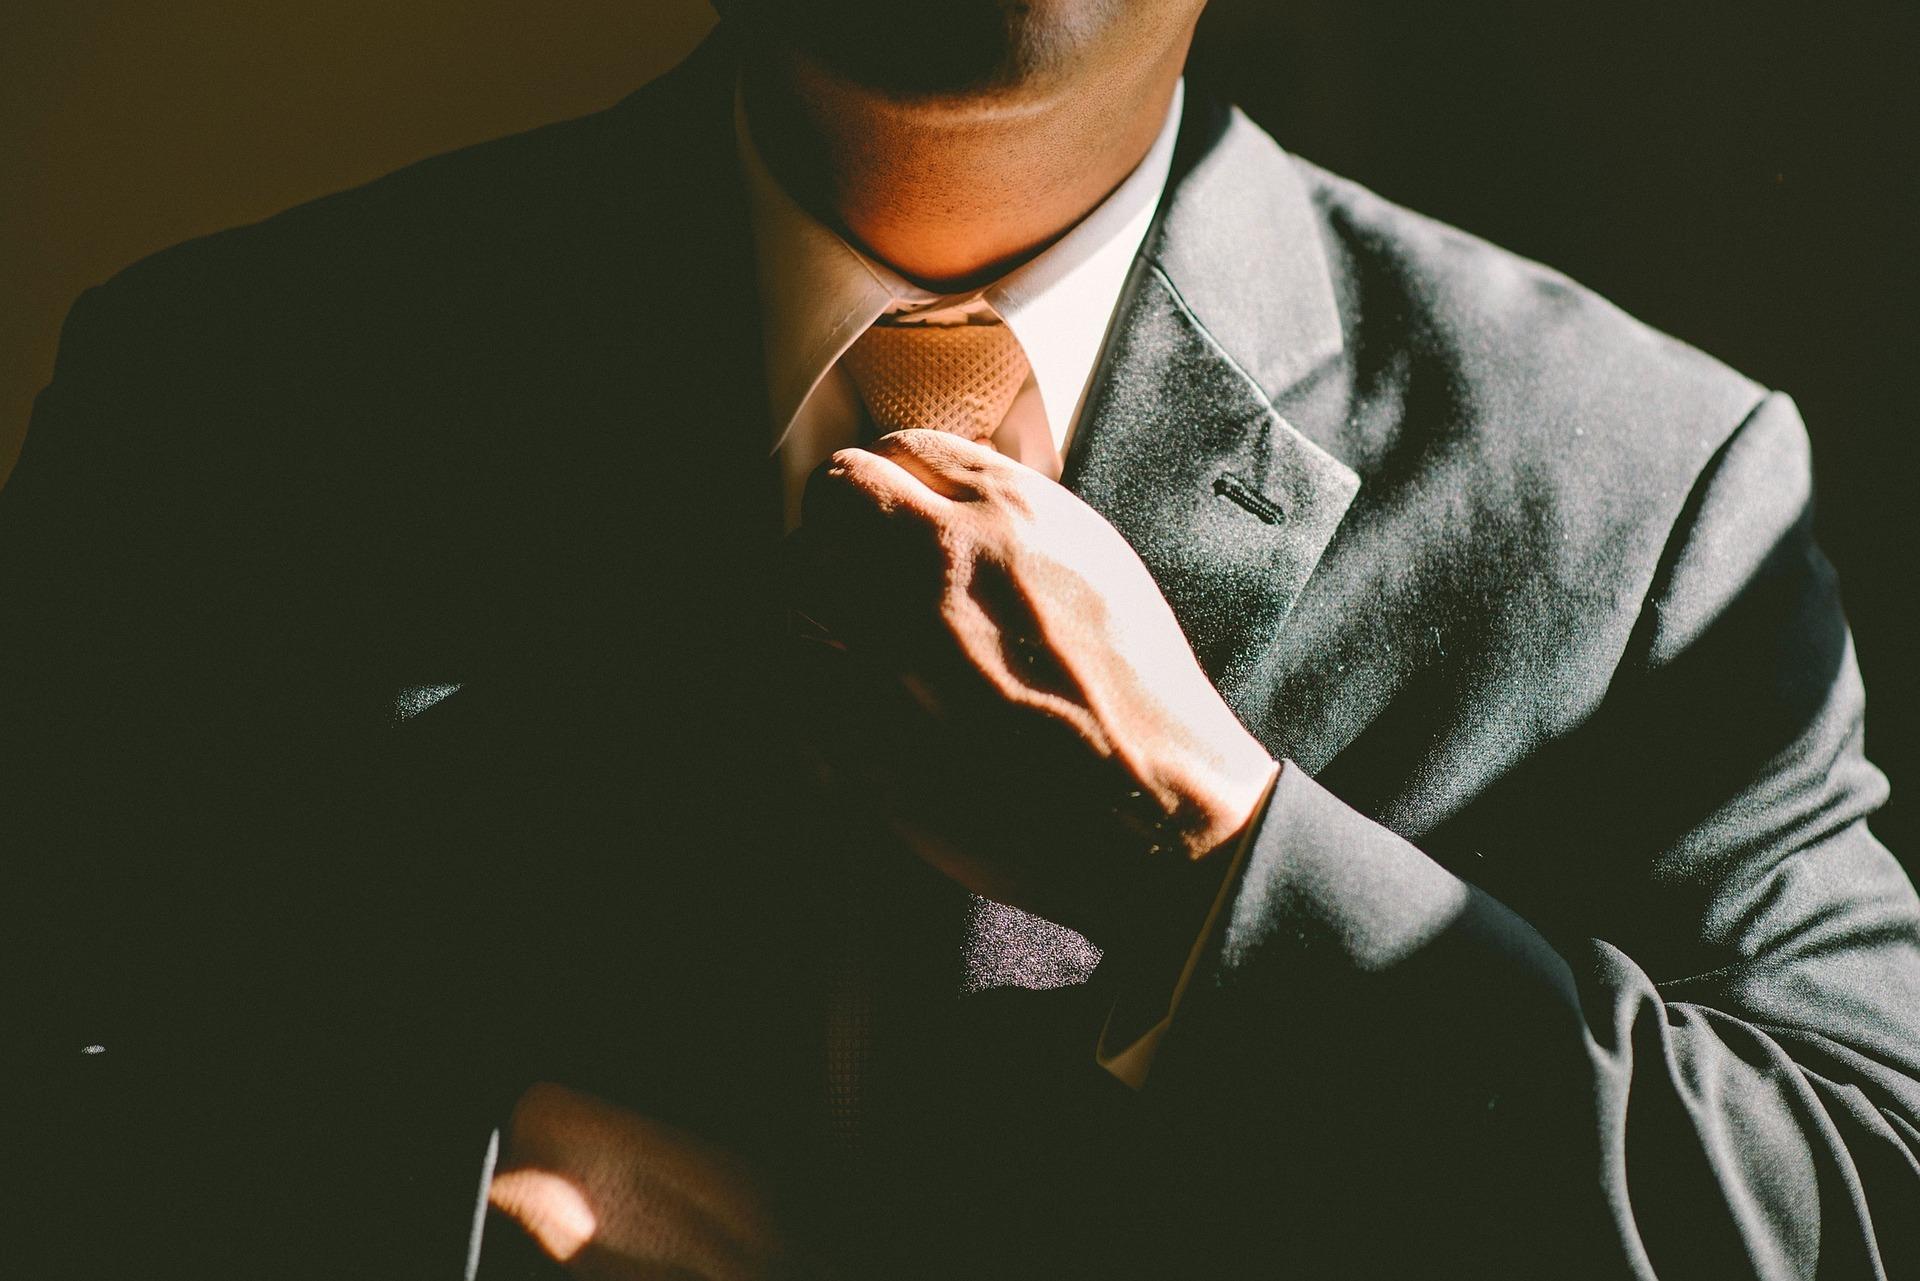 Mężczyzna idealny, garnitur, krawat.